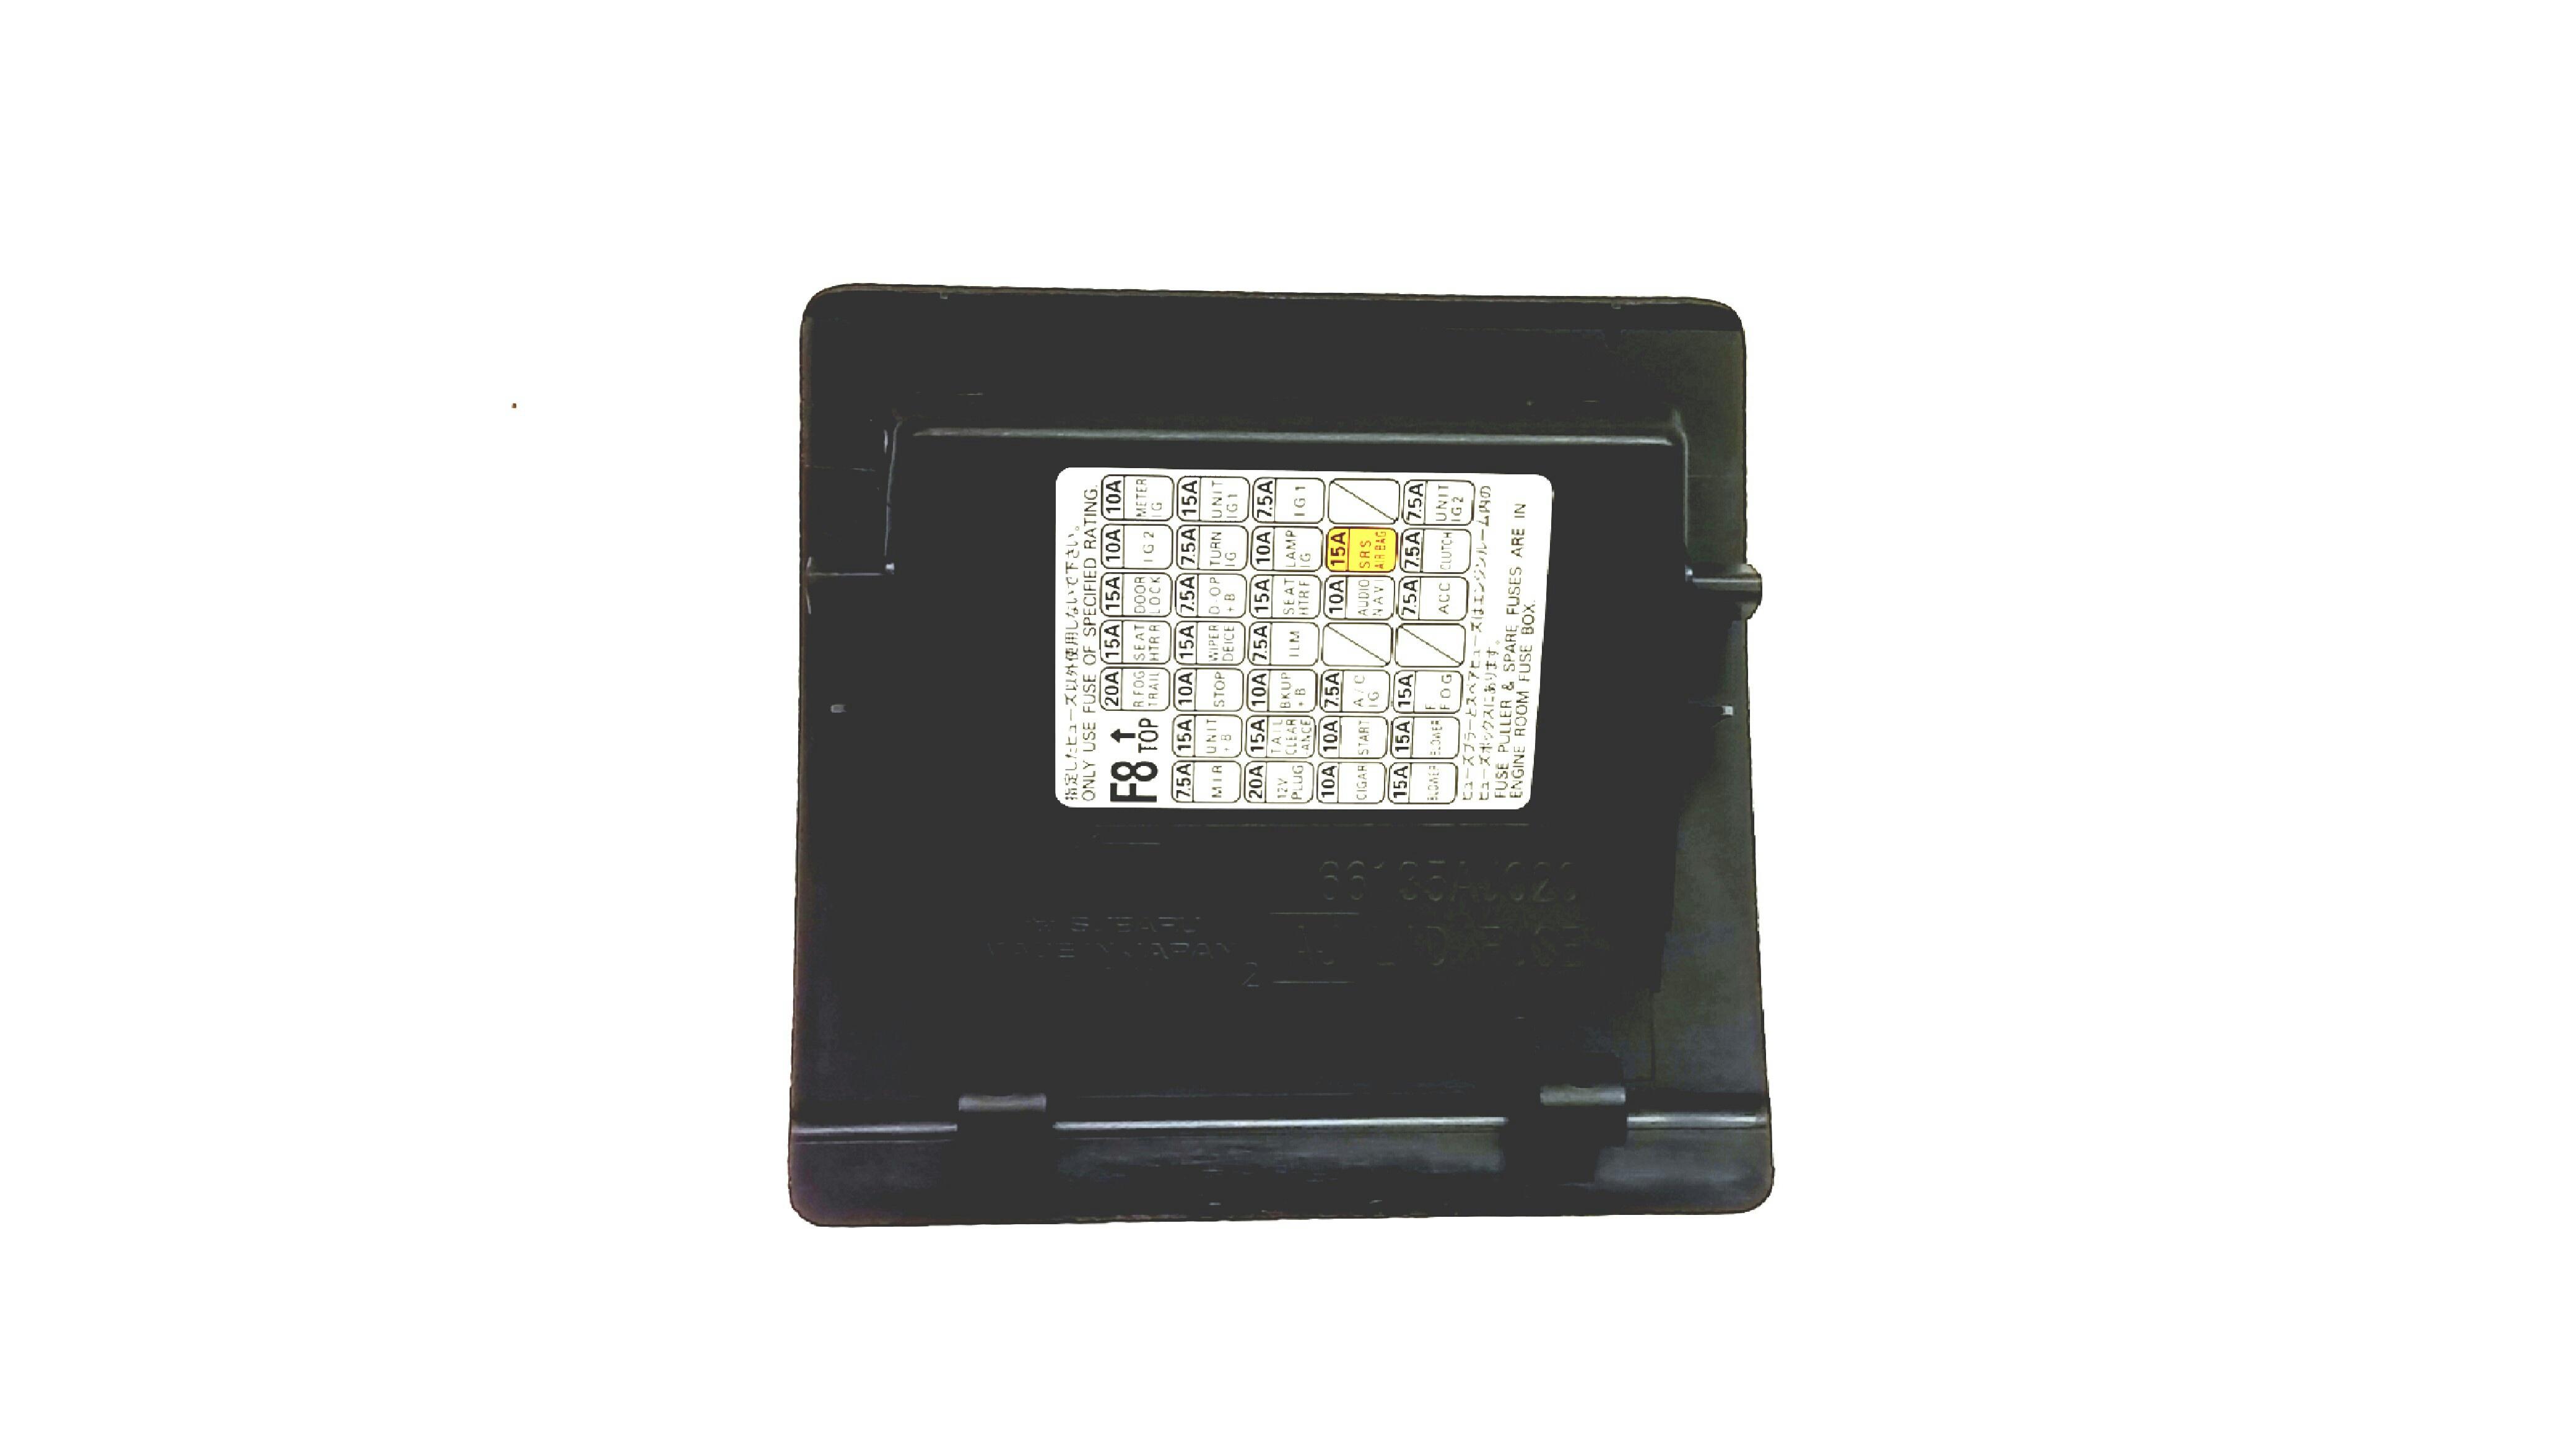 subaru crosstrek lid assembly-fuse box - 66135fj020vh ... subaru crosstrek fuse box